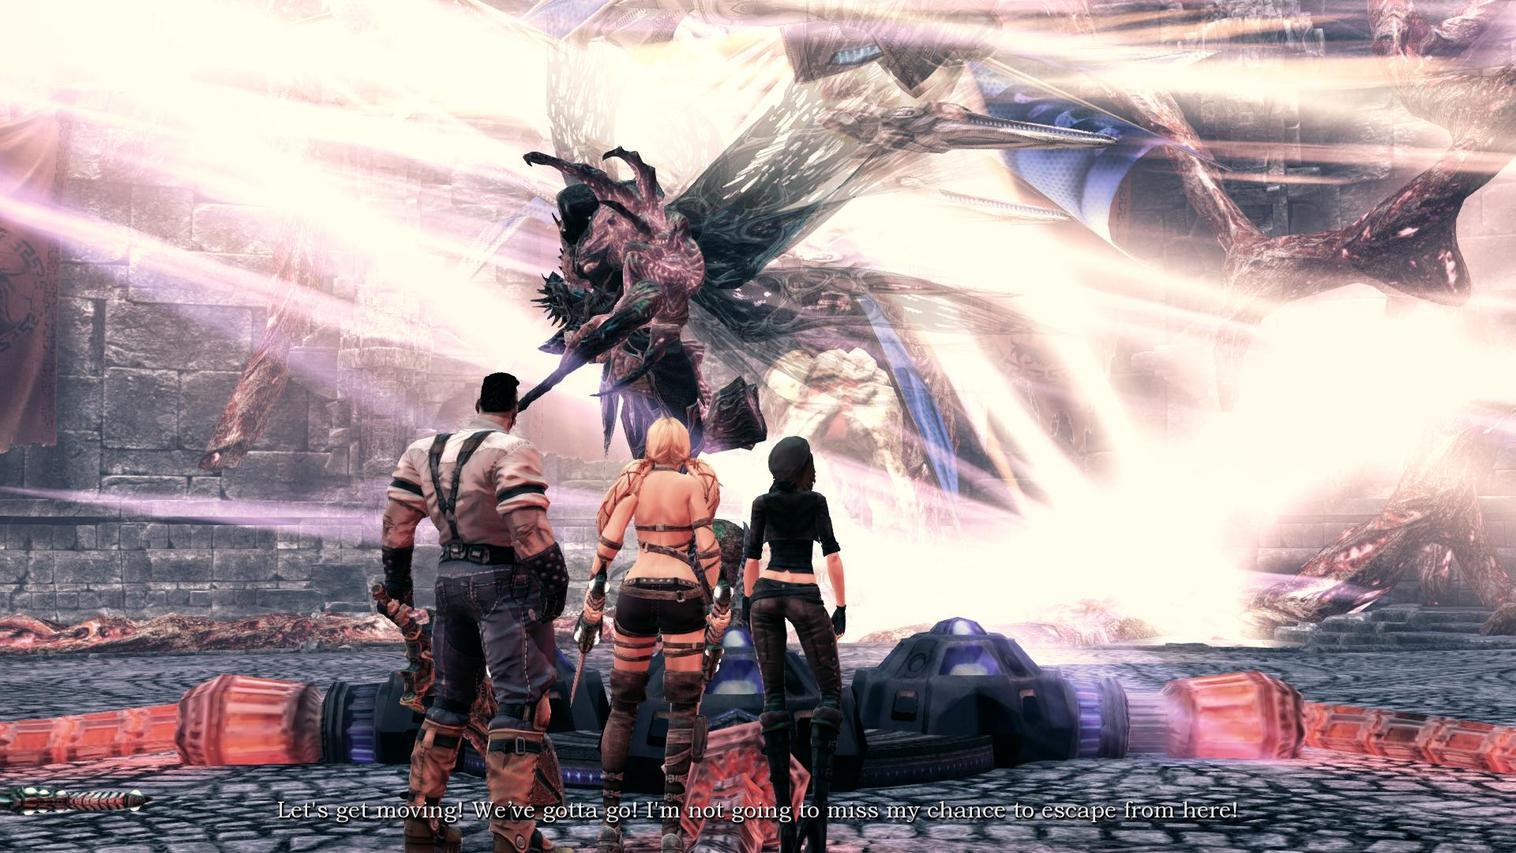 bladesoftime 2012-04-29 22-02-09-70.jpg